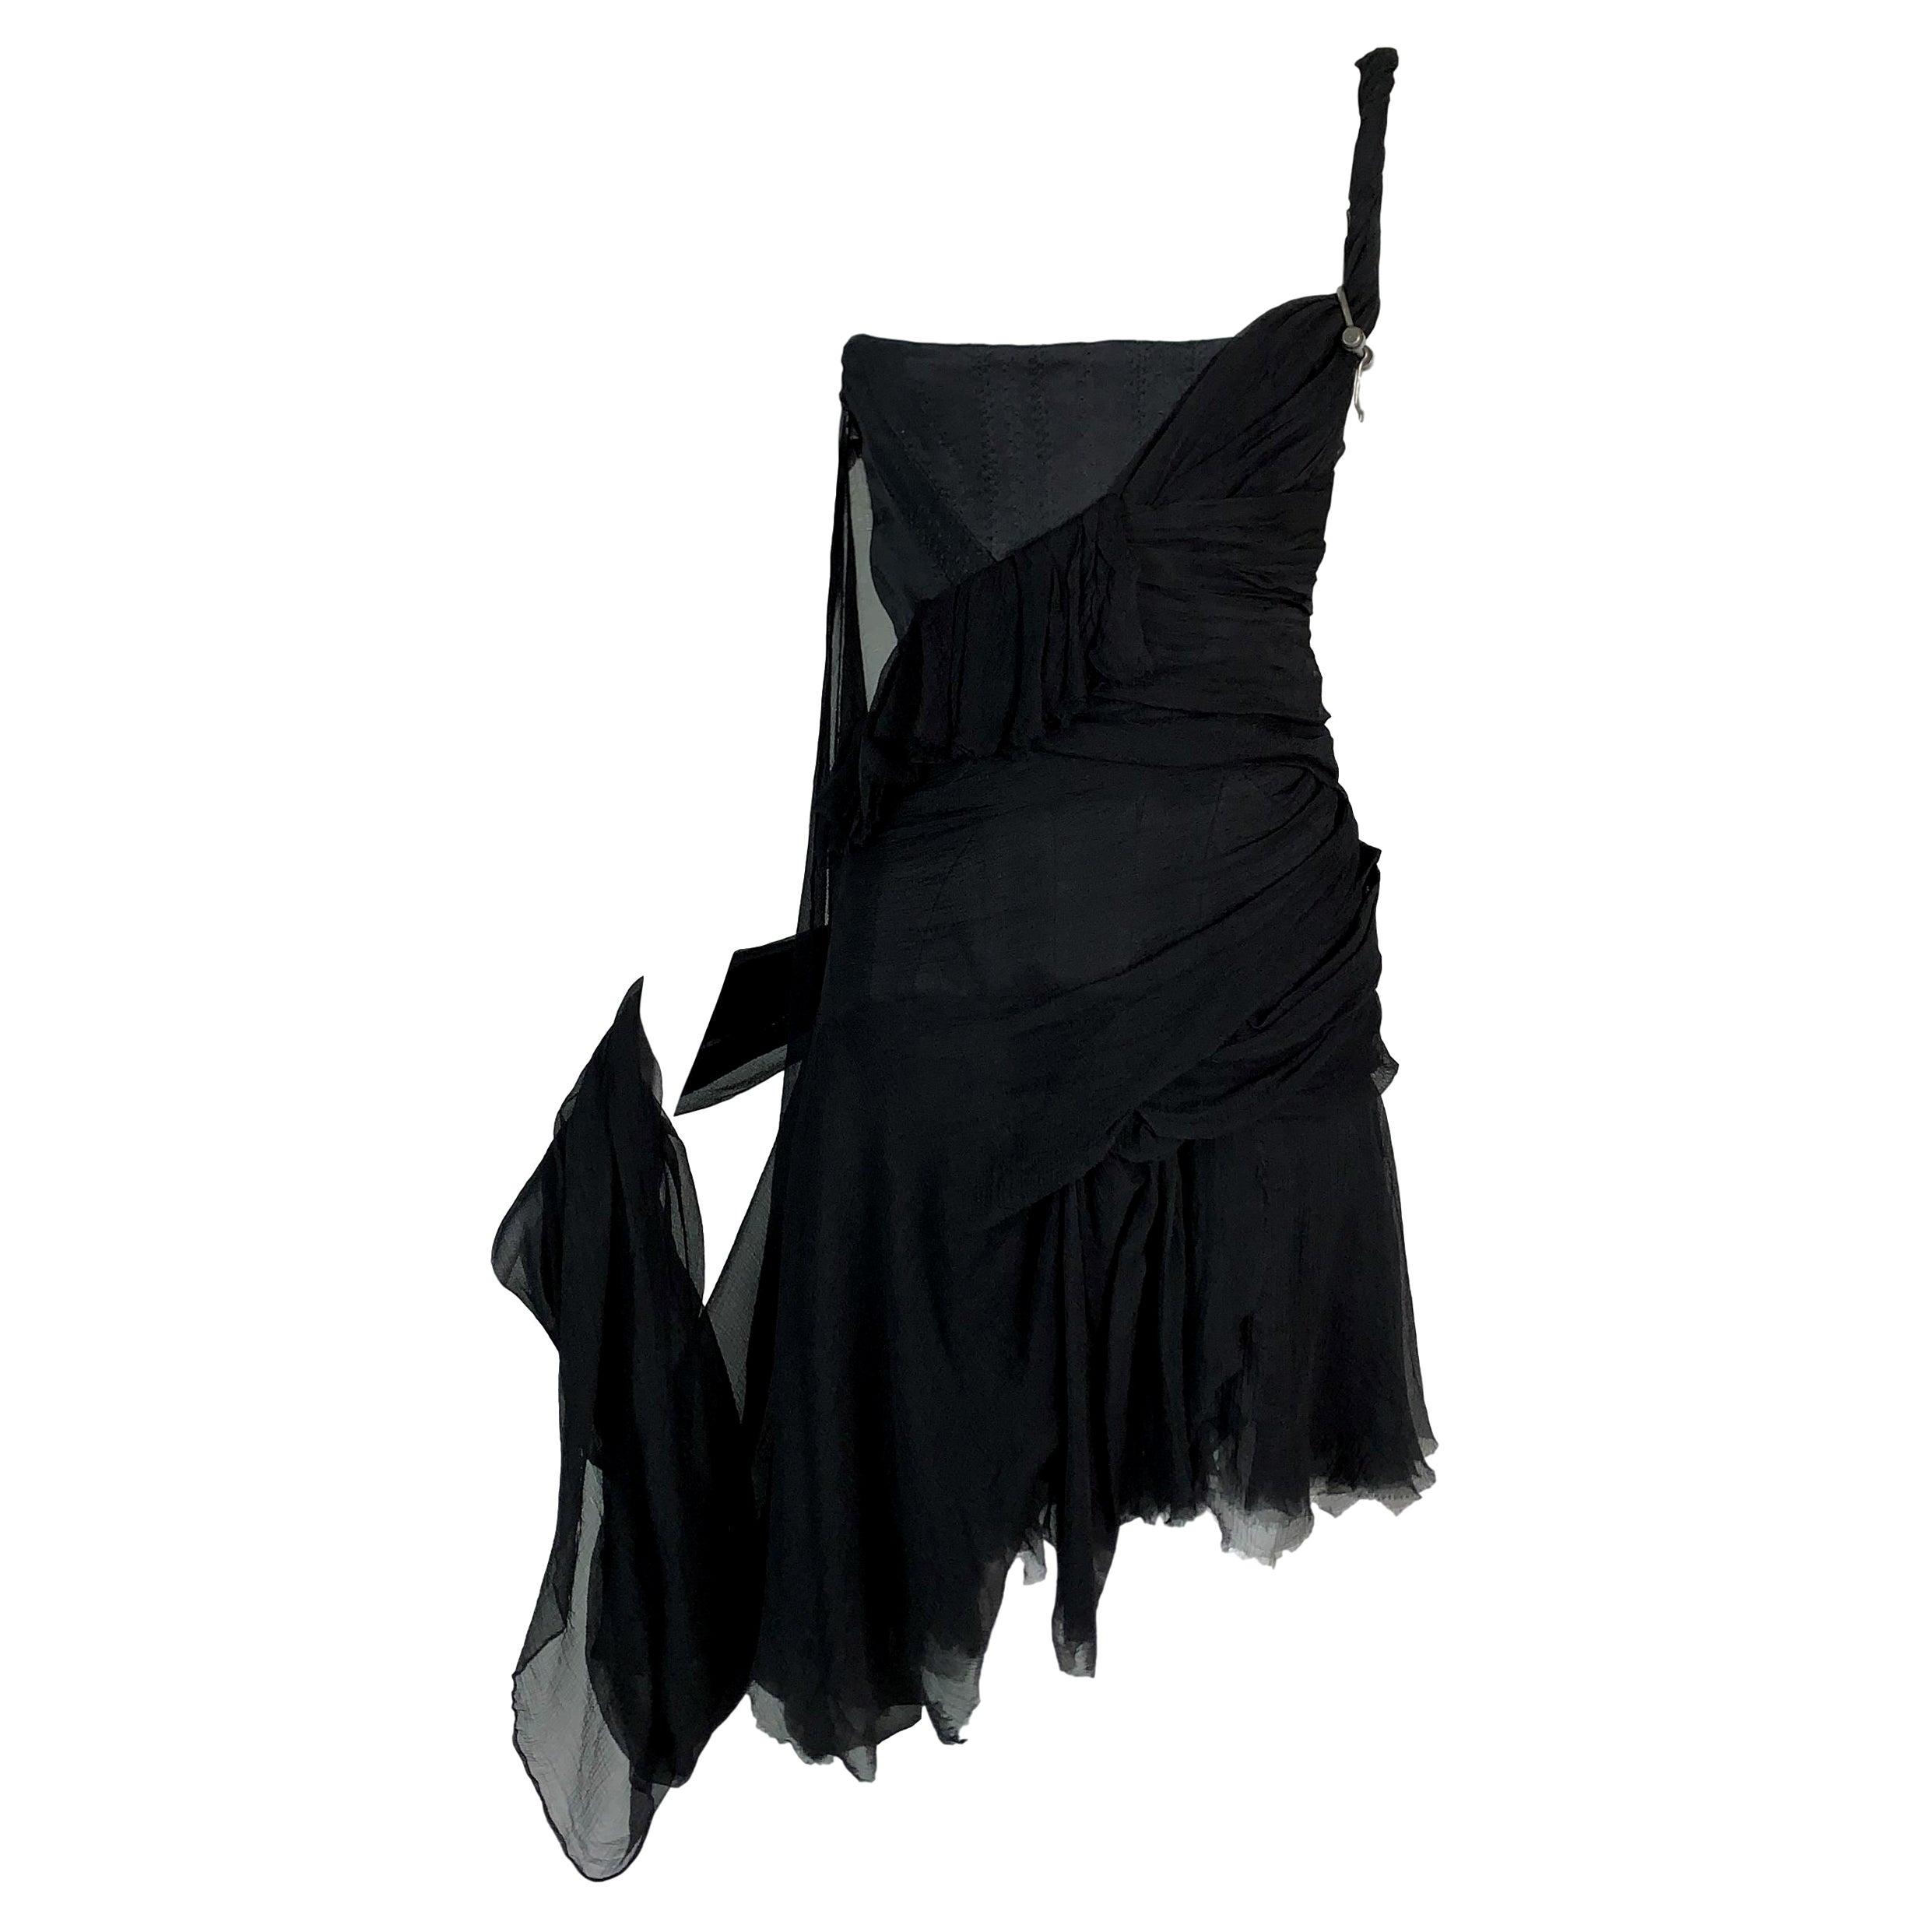 S/S 2003 Alexander McQueen Irere Shipwreck Black Silk Bustier Mini Dress